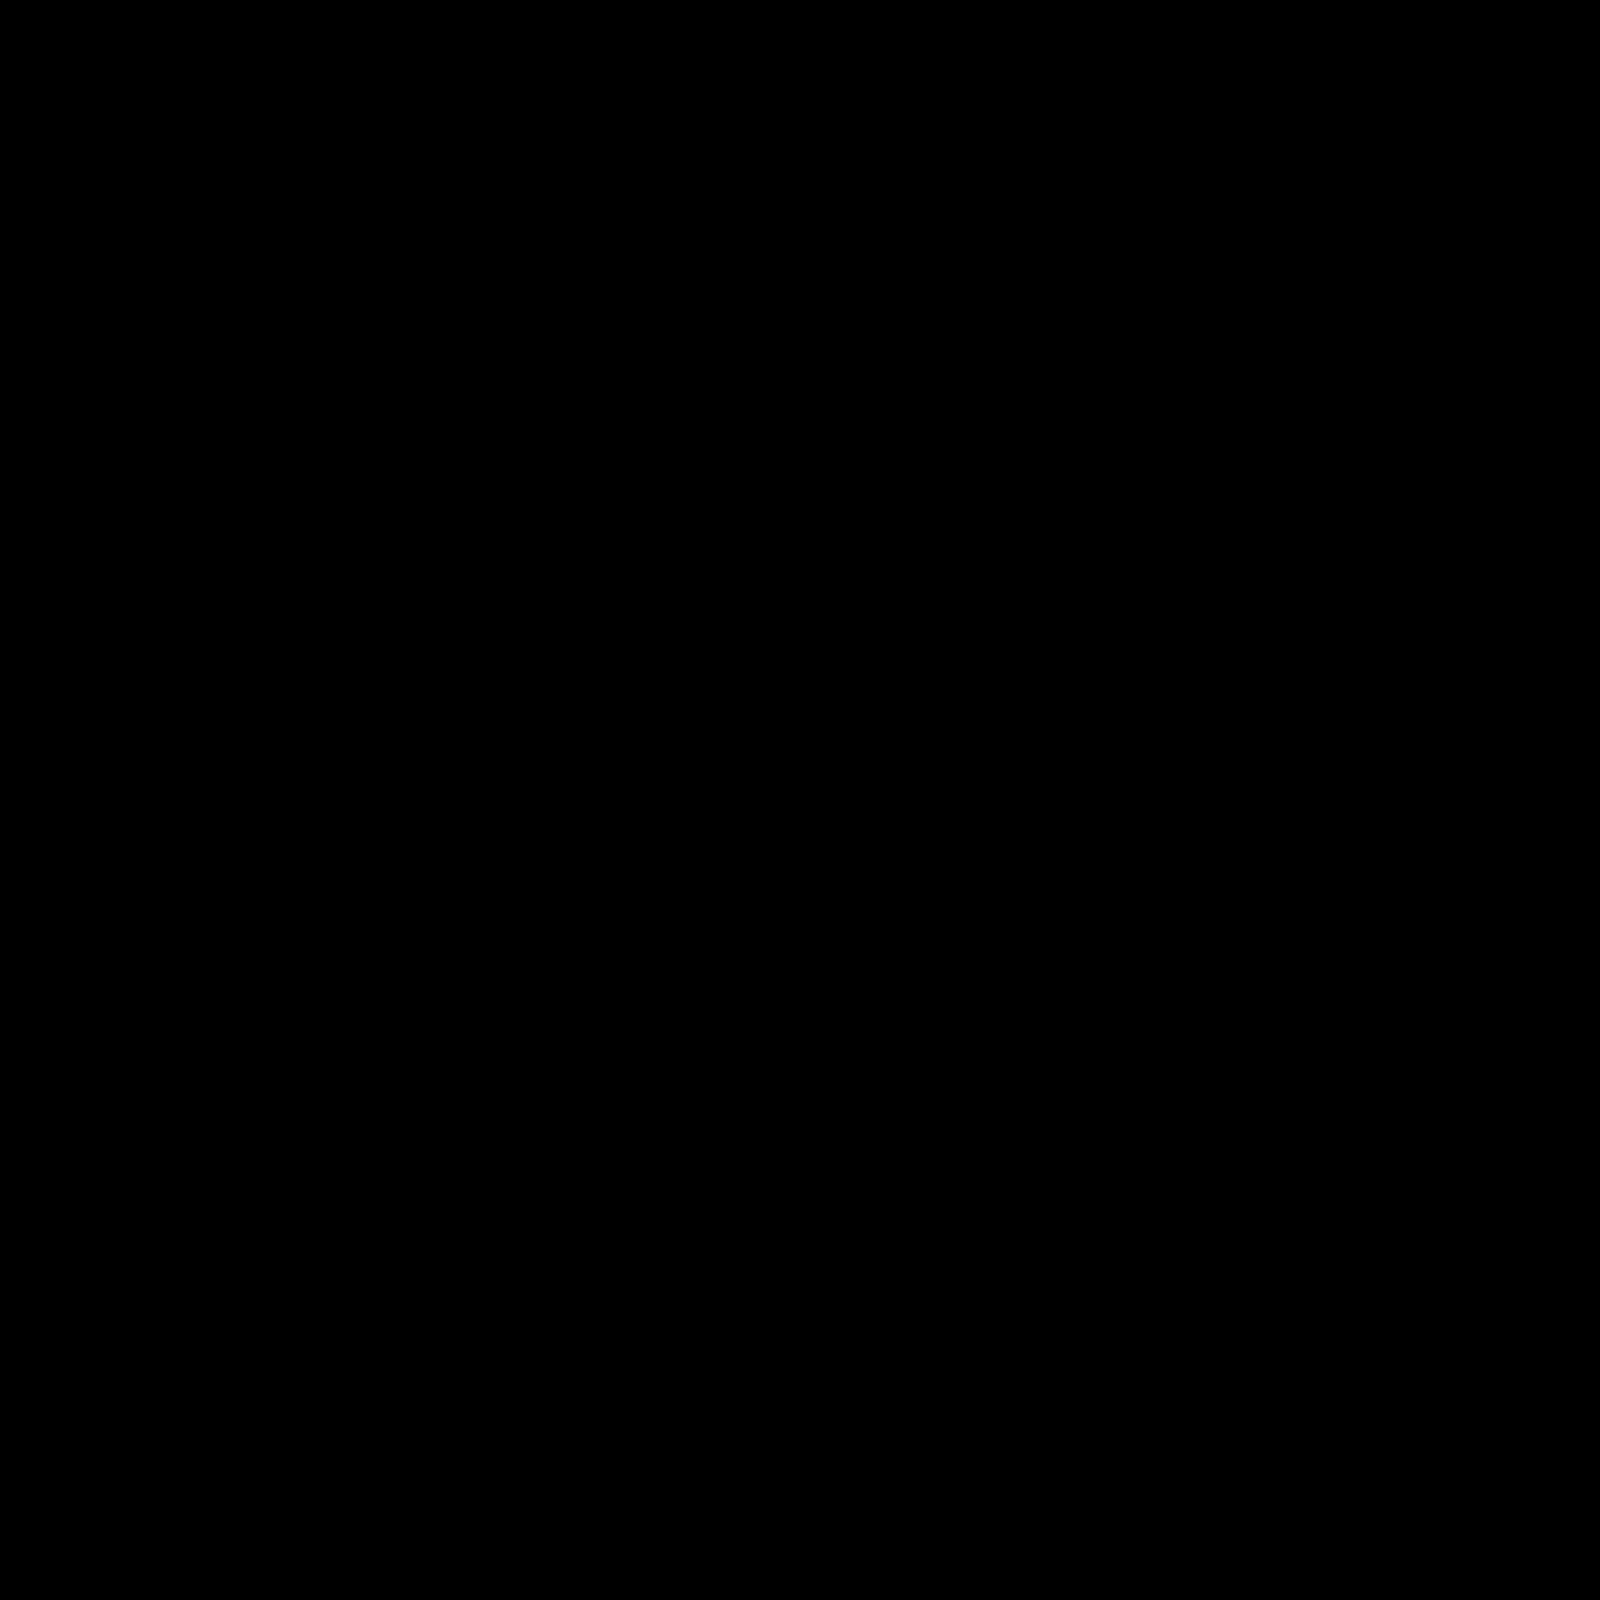 テキストボックス icon. The icon is an angular square, with smaller squares at the center of the left and right sides. Inscribed in the center is a block letter, upper case T. The icon represents a text box graphical user interface element, an element into which a user can input text.